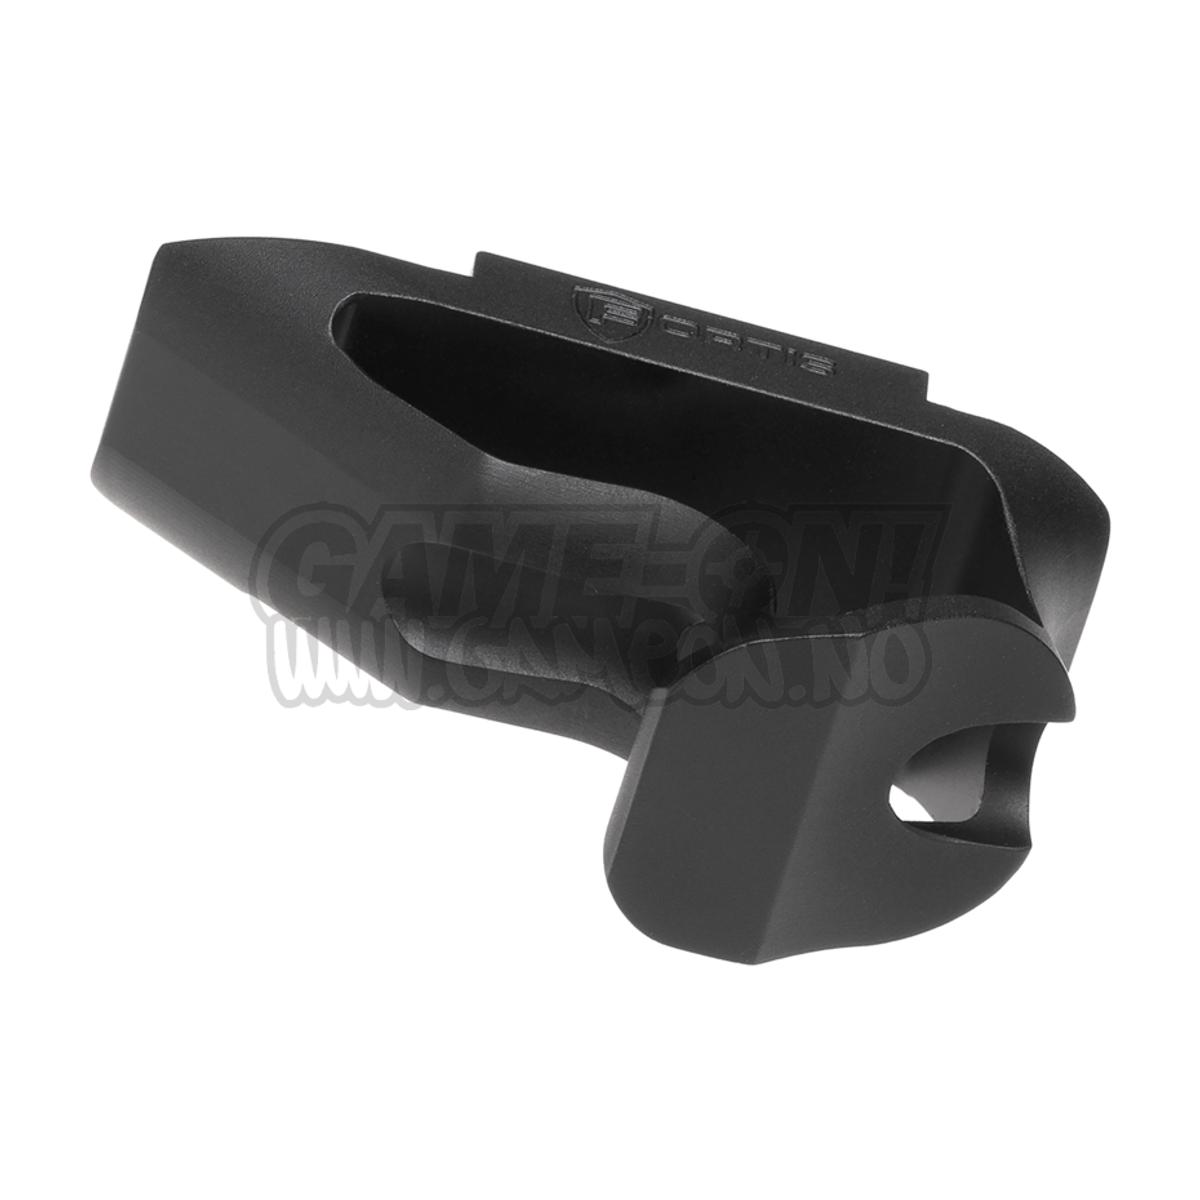 PTS Fortis SHIFT Short Angle Grip til 21mm